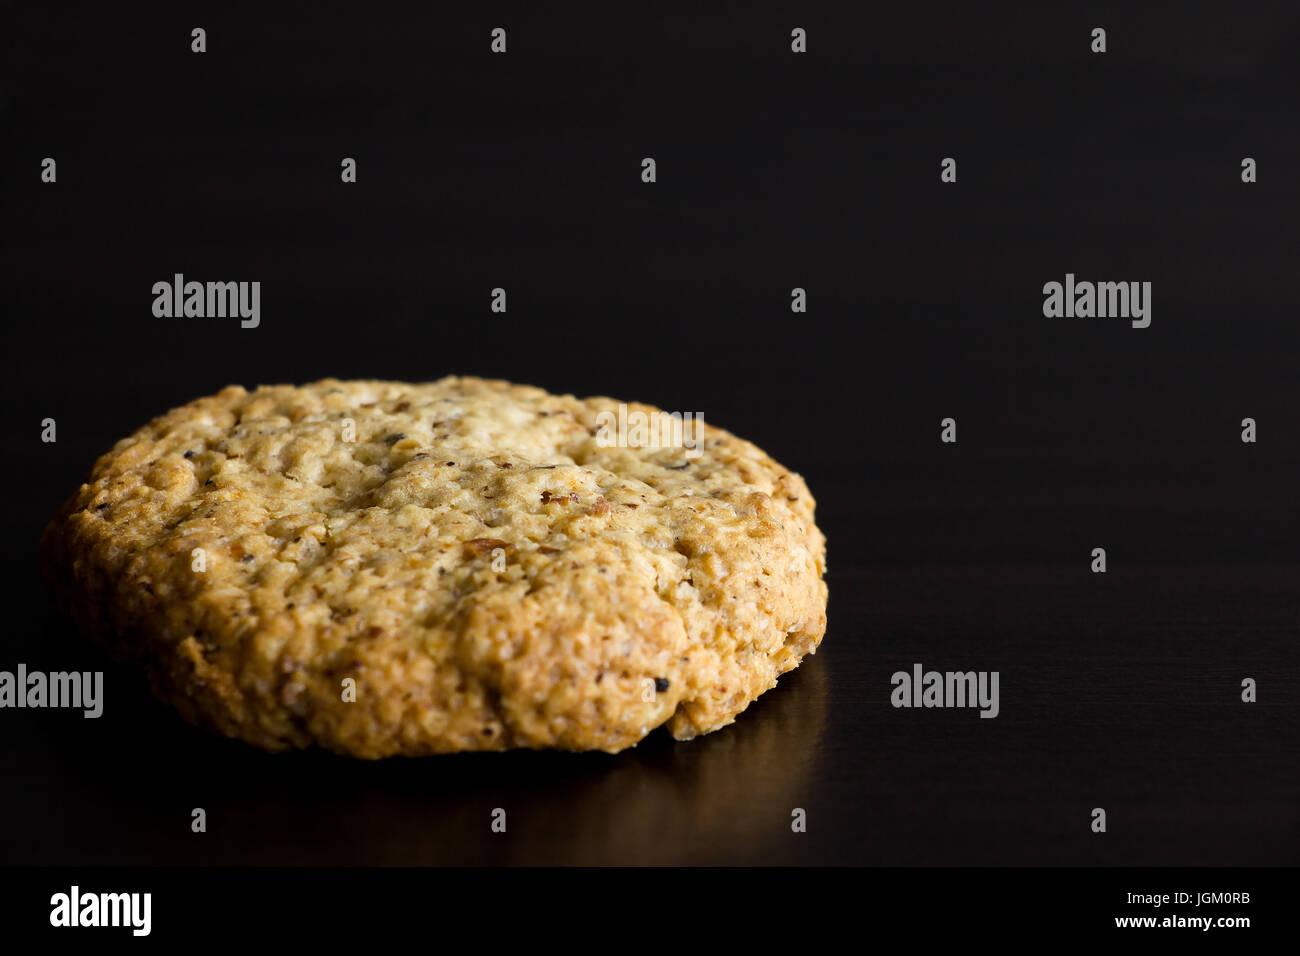 Solo avena casera, galletas, postres saludables sobre fondo oscuro. Copie el espacio. Enfoque selectivo Imagen De Stock